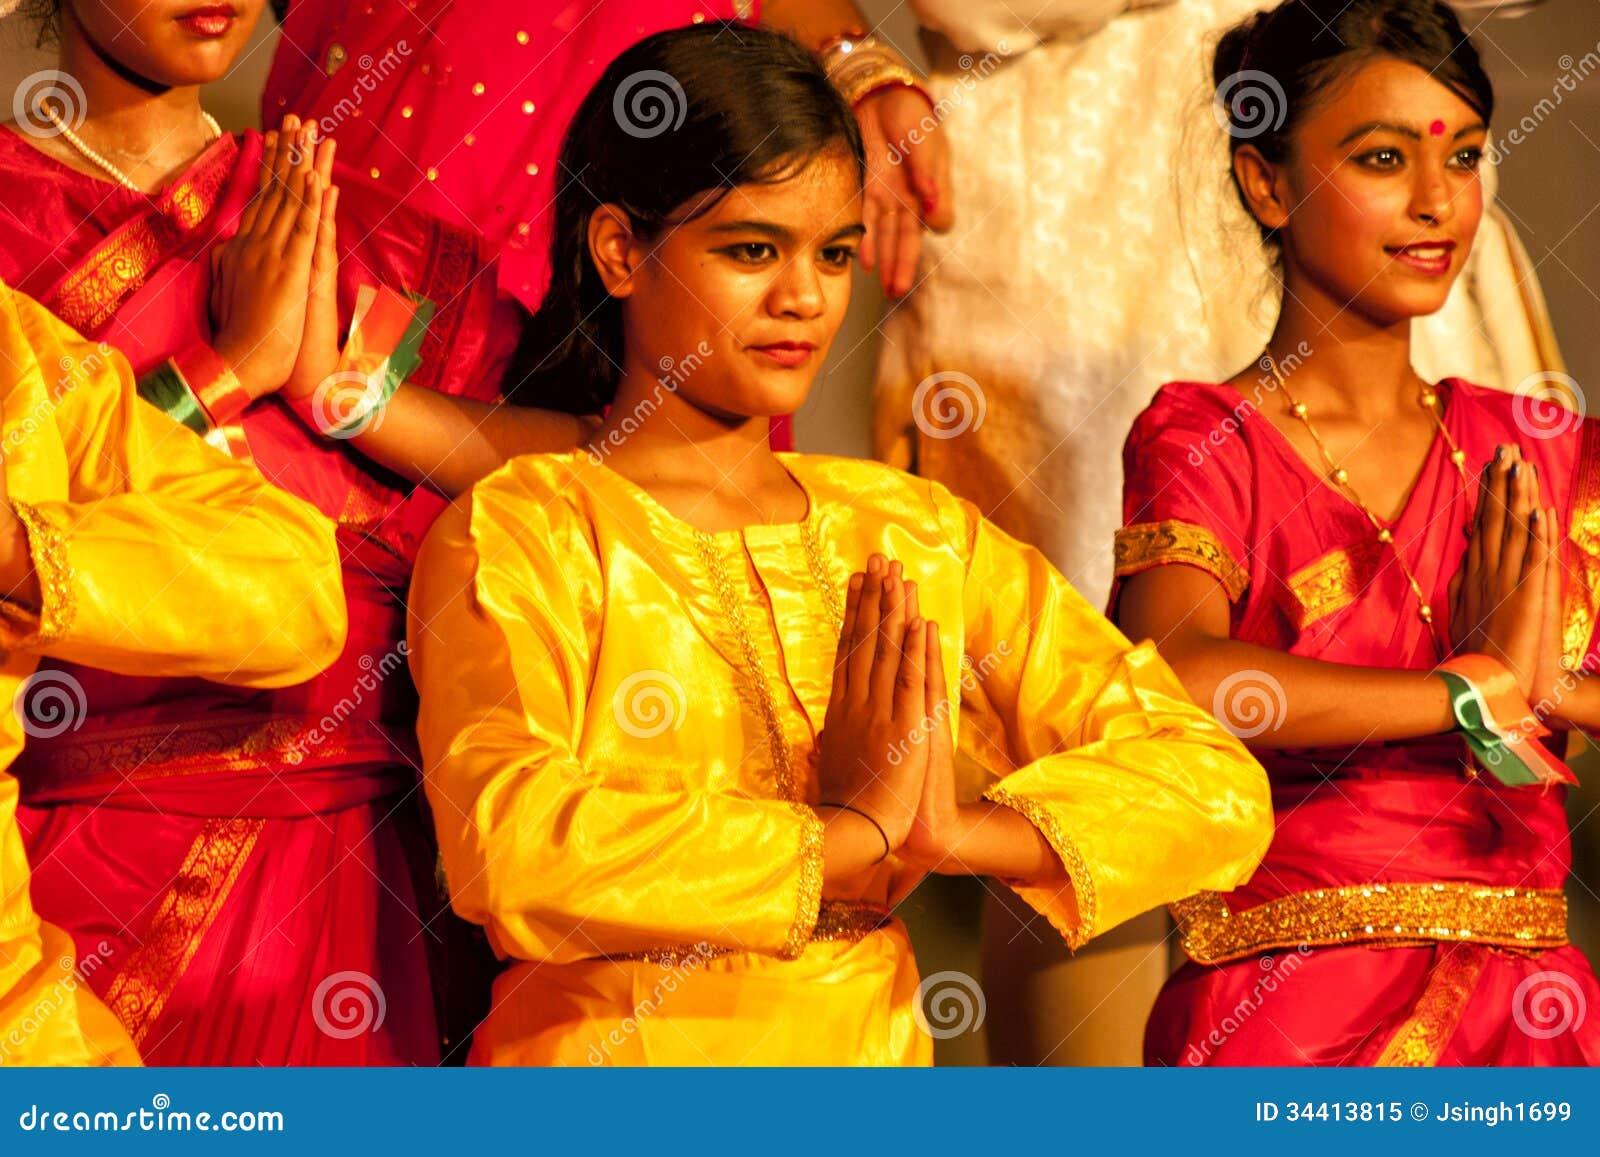 namaste india editorial image   image 34413815